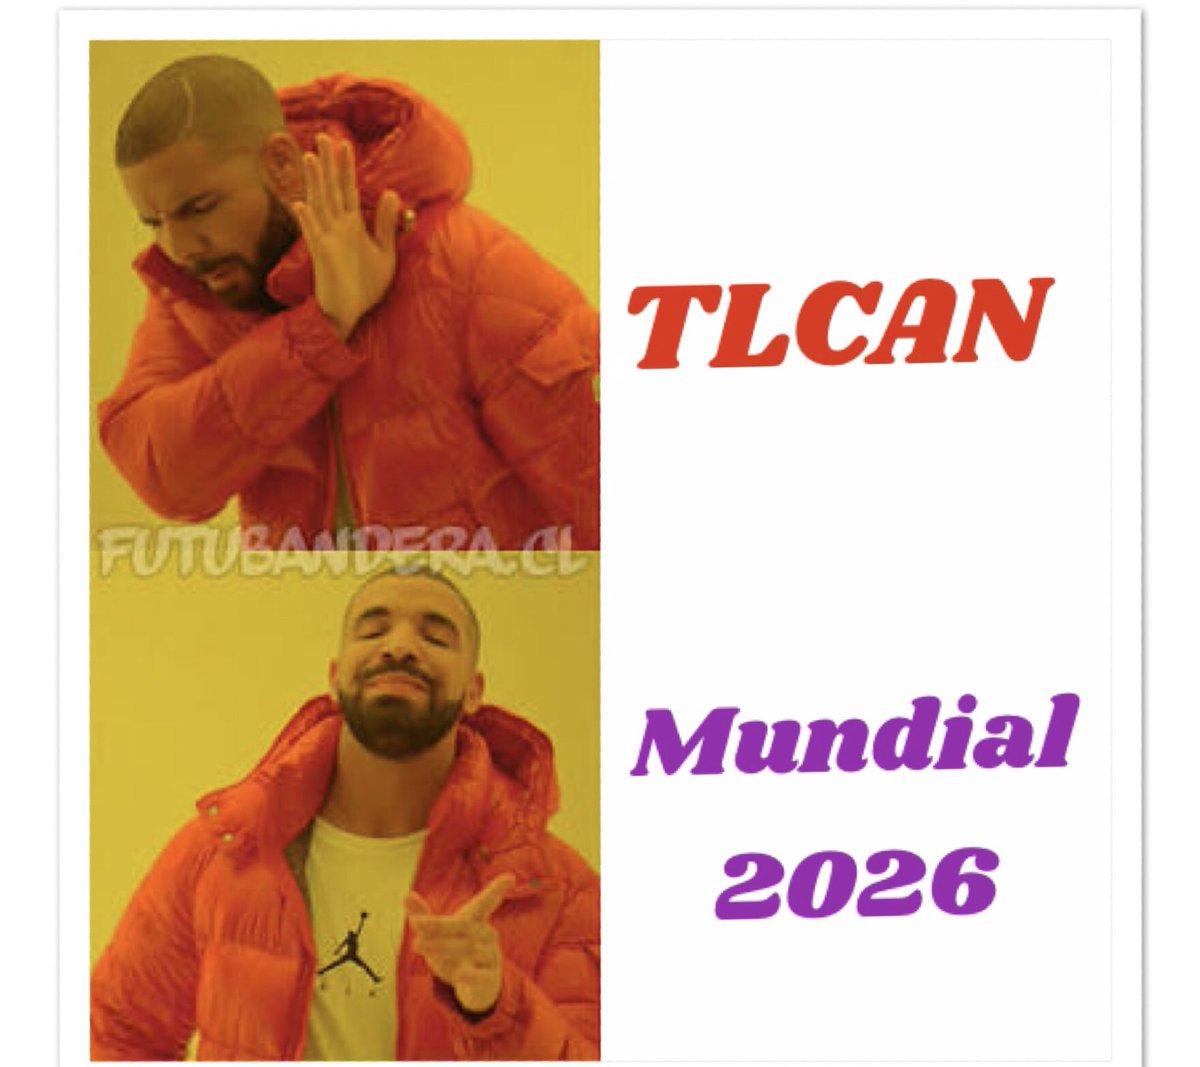 #Mundial2026